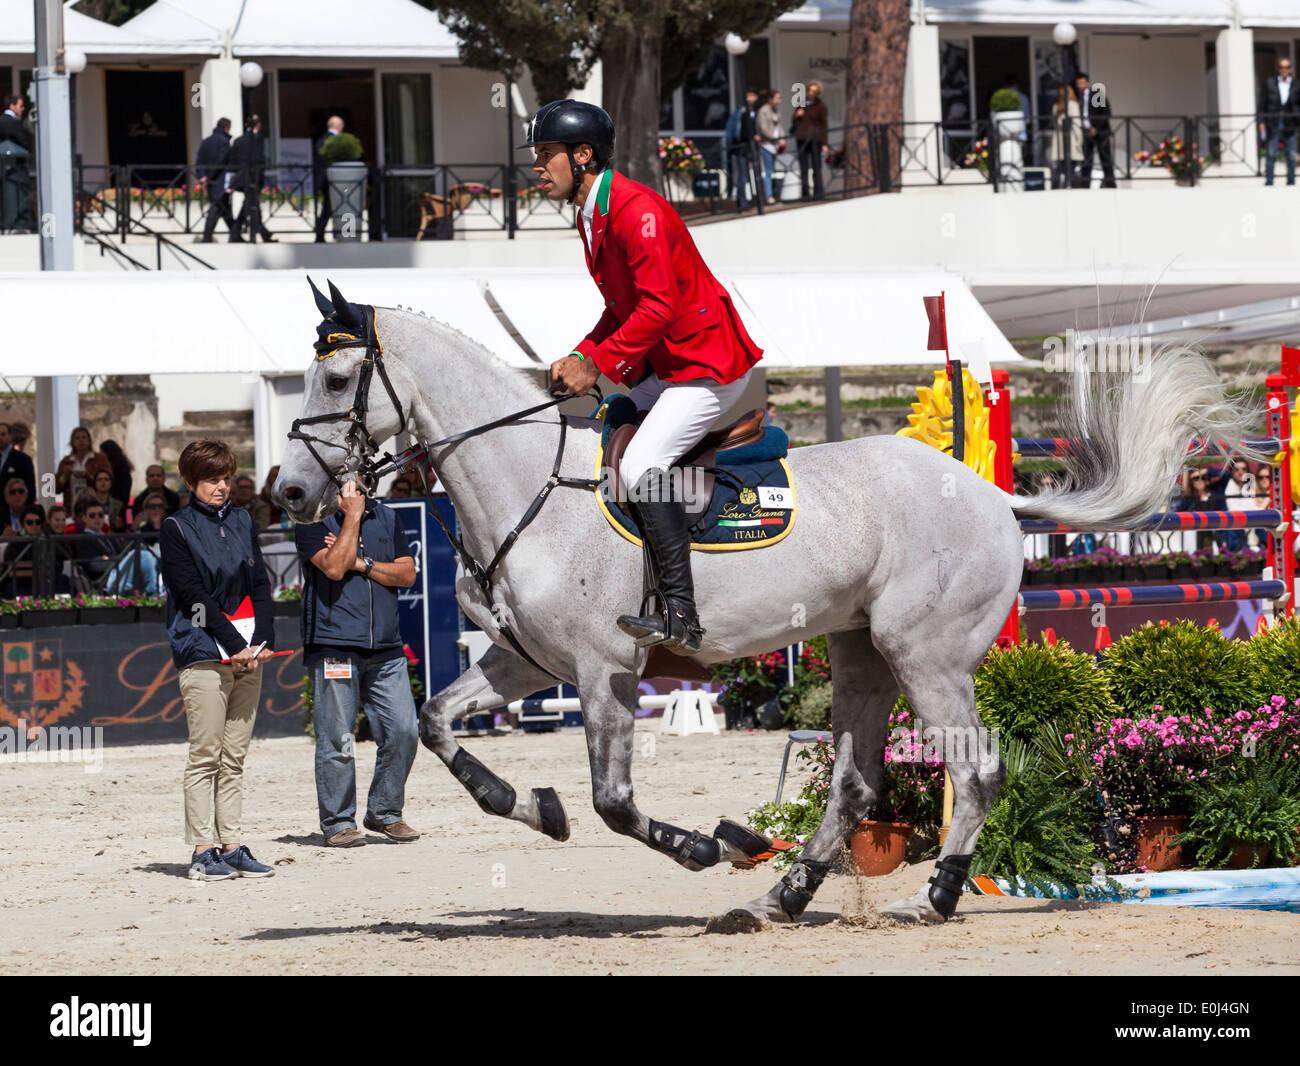 Roberto Turchetto italiane per la show jumping team Baretto di equitazione presso la Piazza di Siena in Roma 2013 Immagini Stock